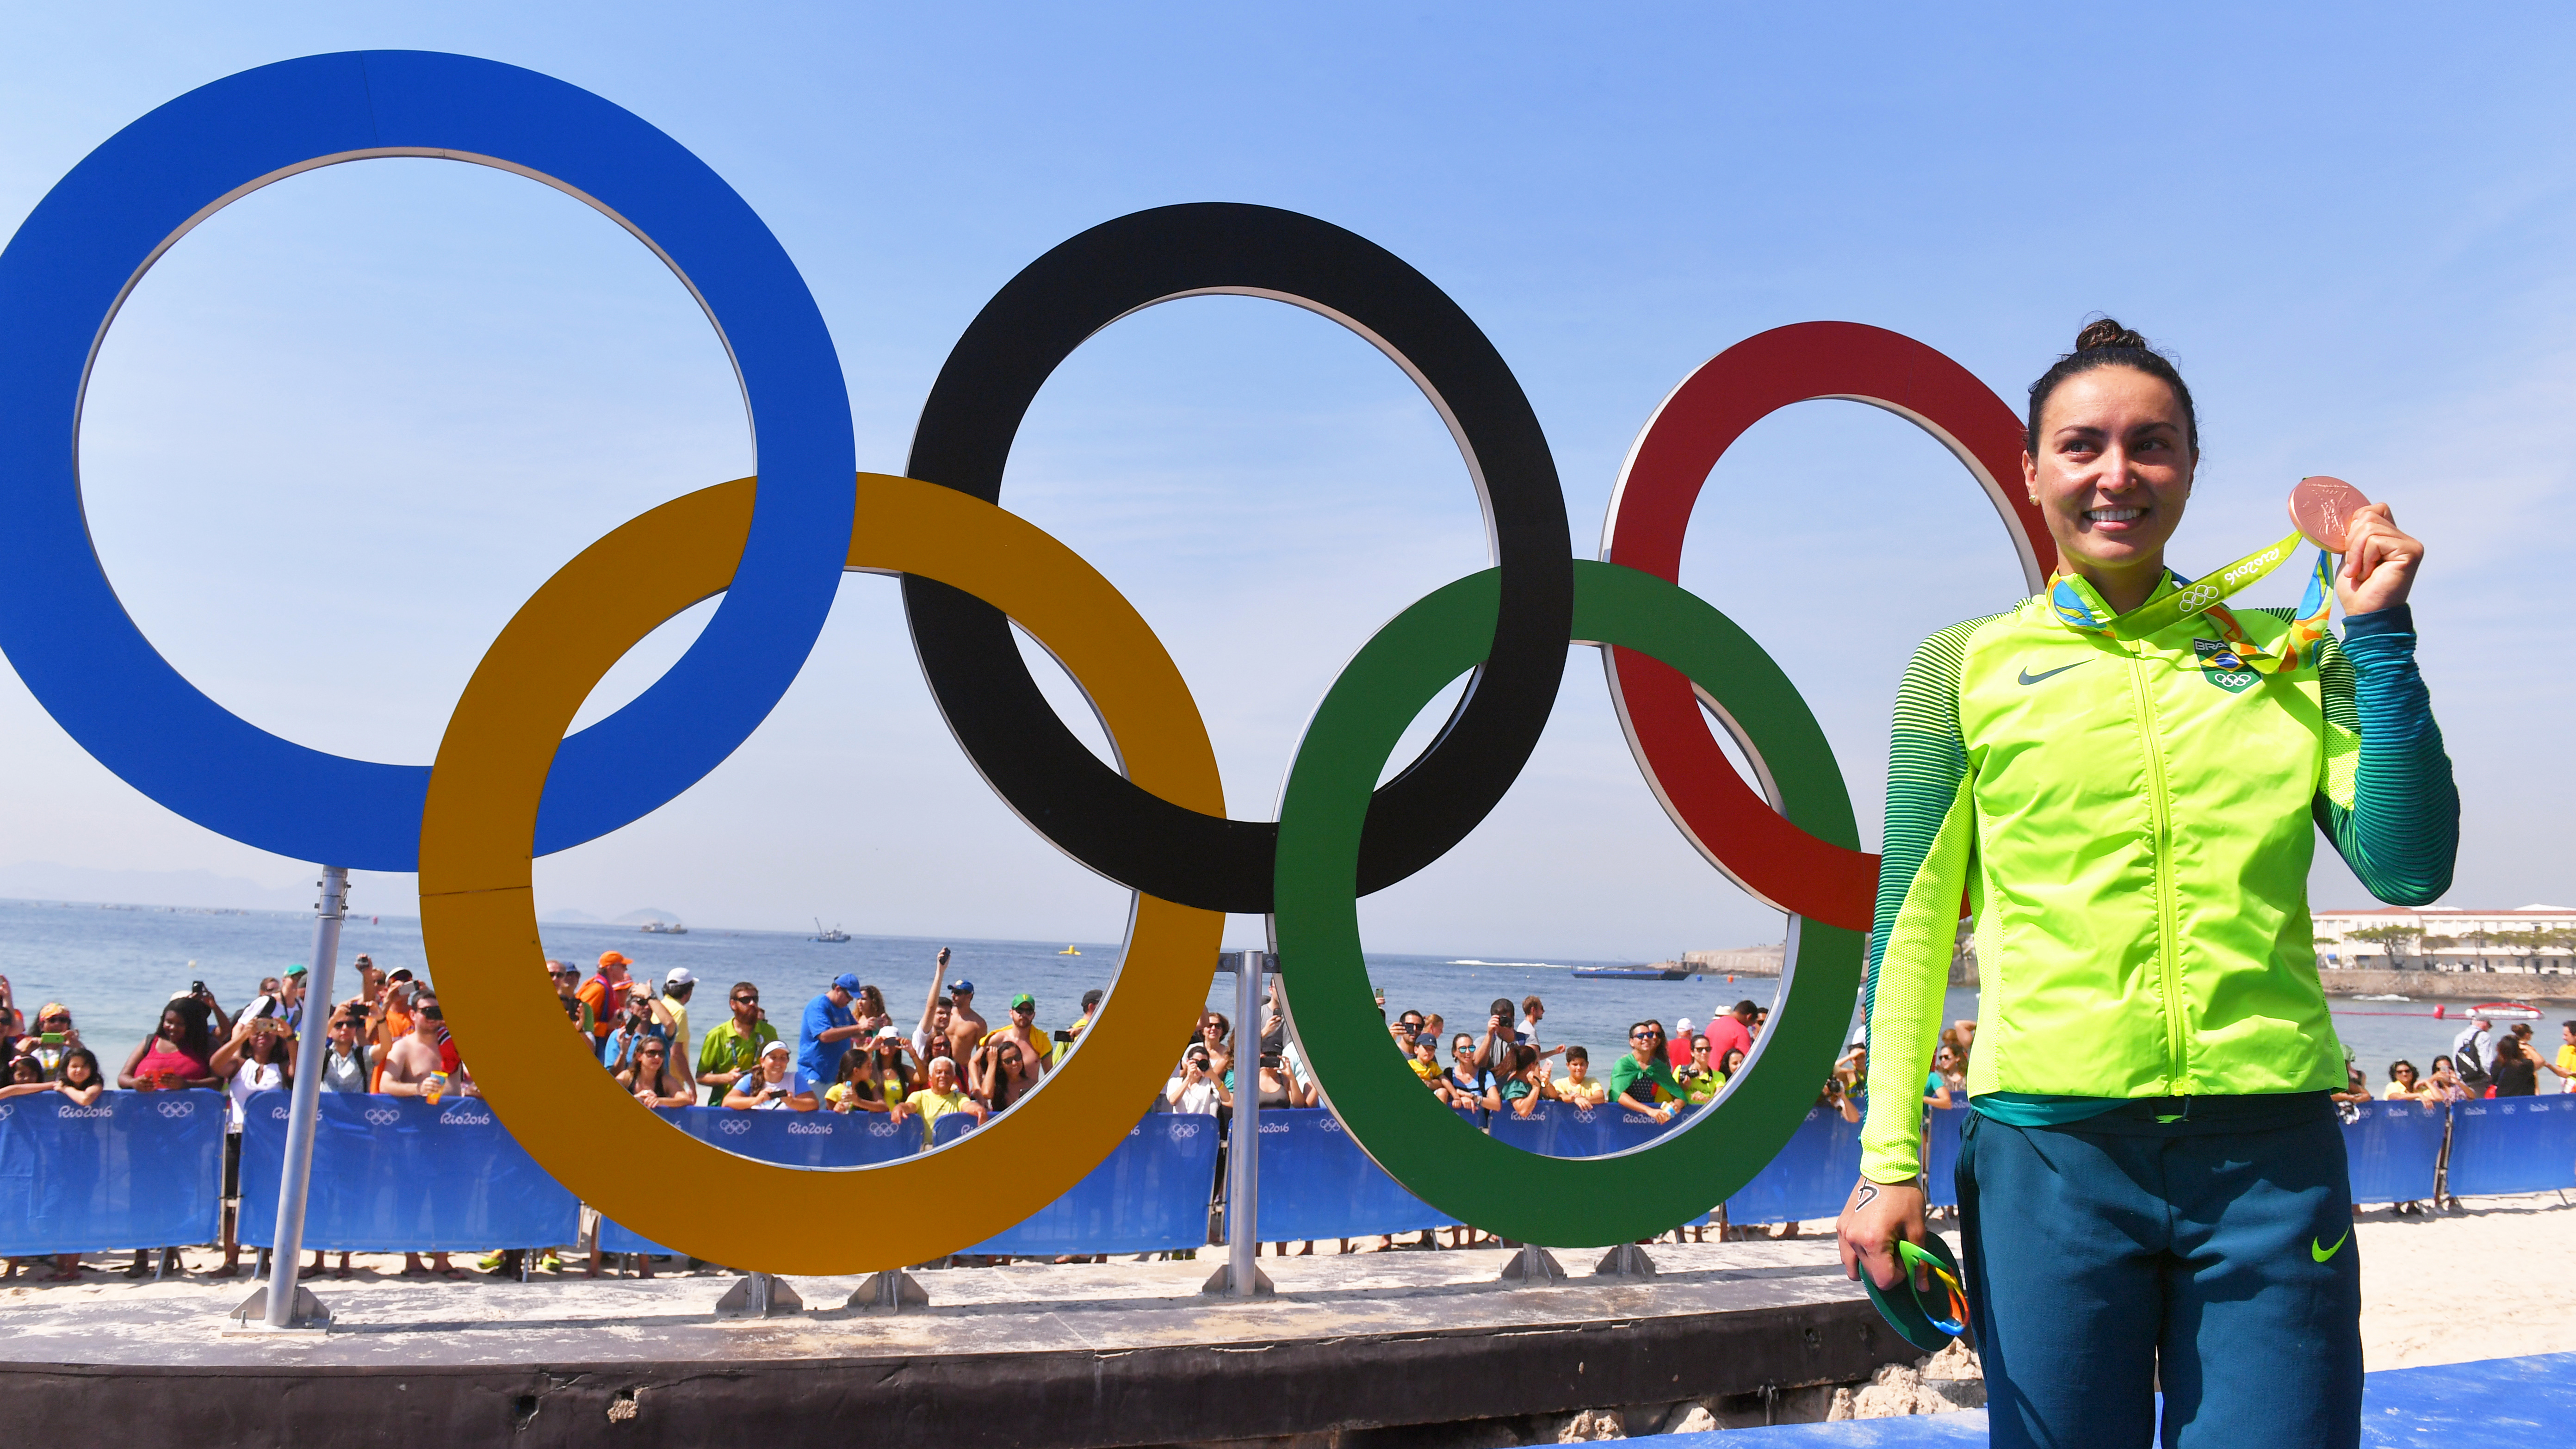 Bronze nos Jogos Olímpicos, Poliana Okimoto já chorou por medo do mar e precisou 'driblar' leão marinho para competir